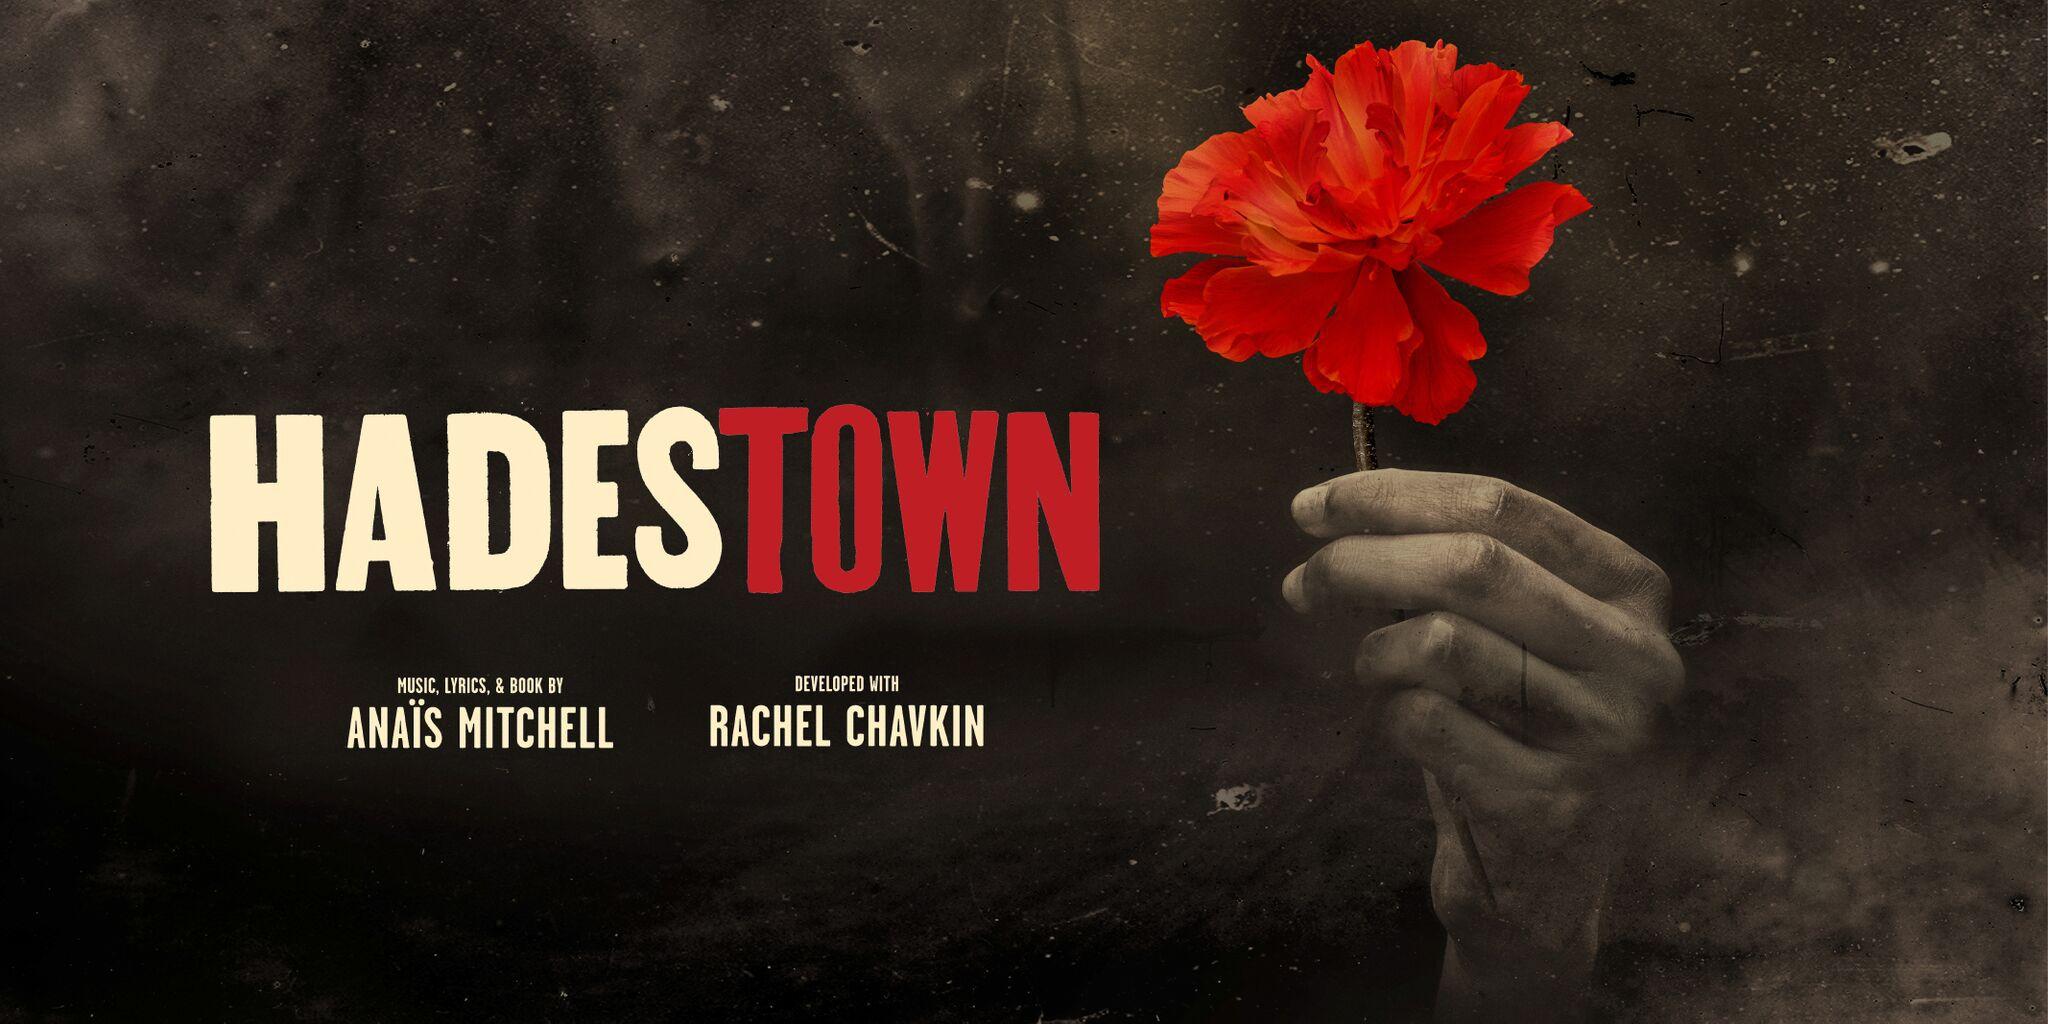 Hades Town